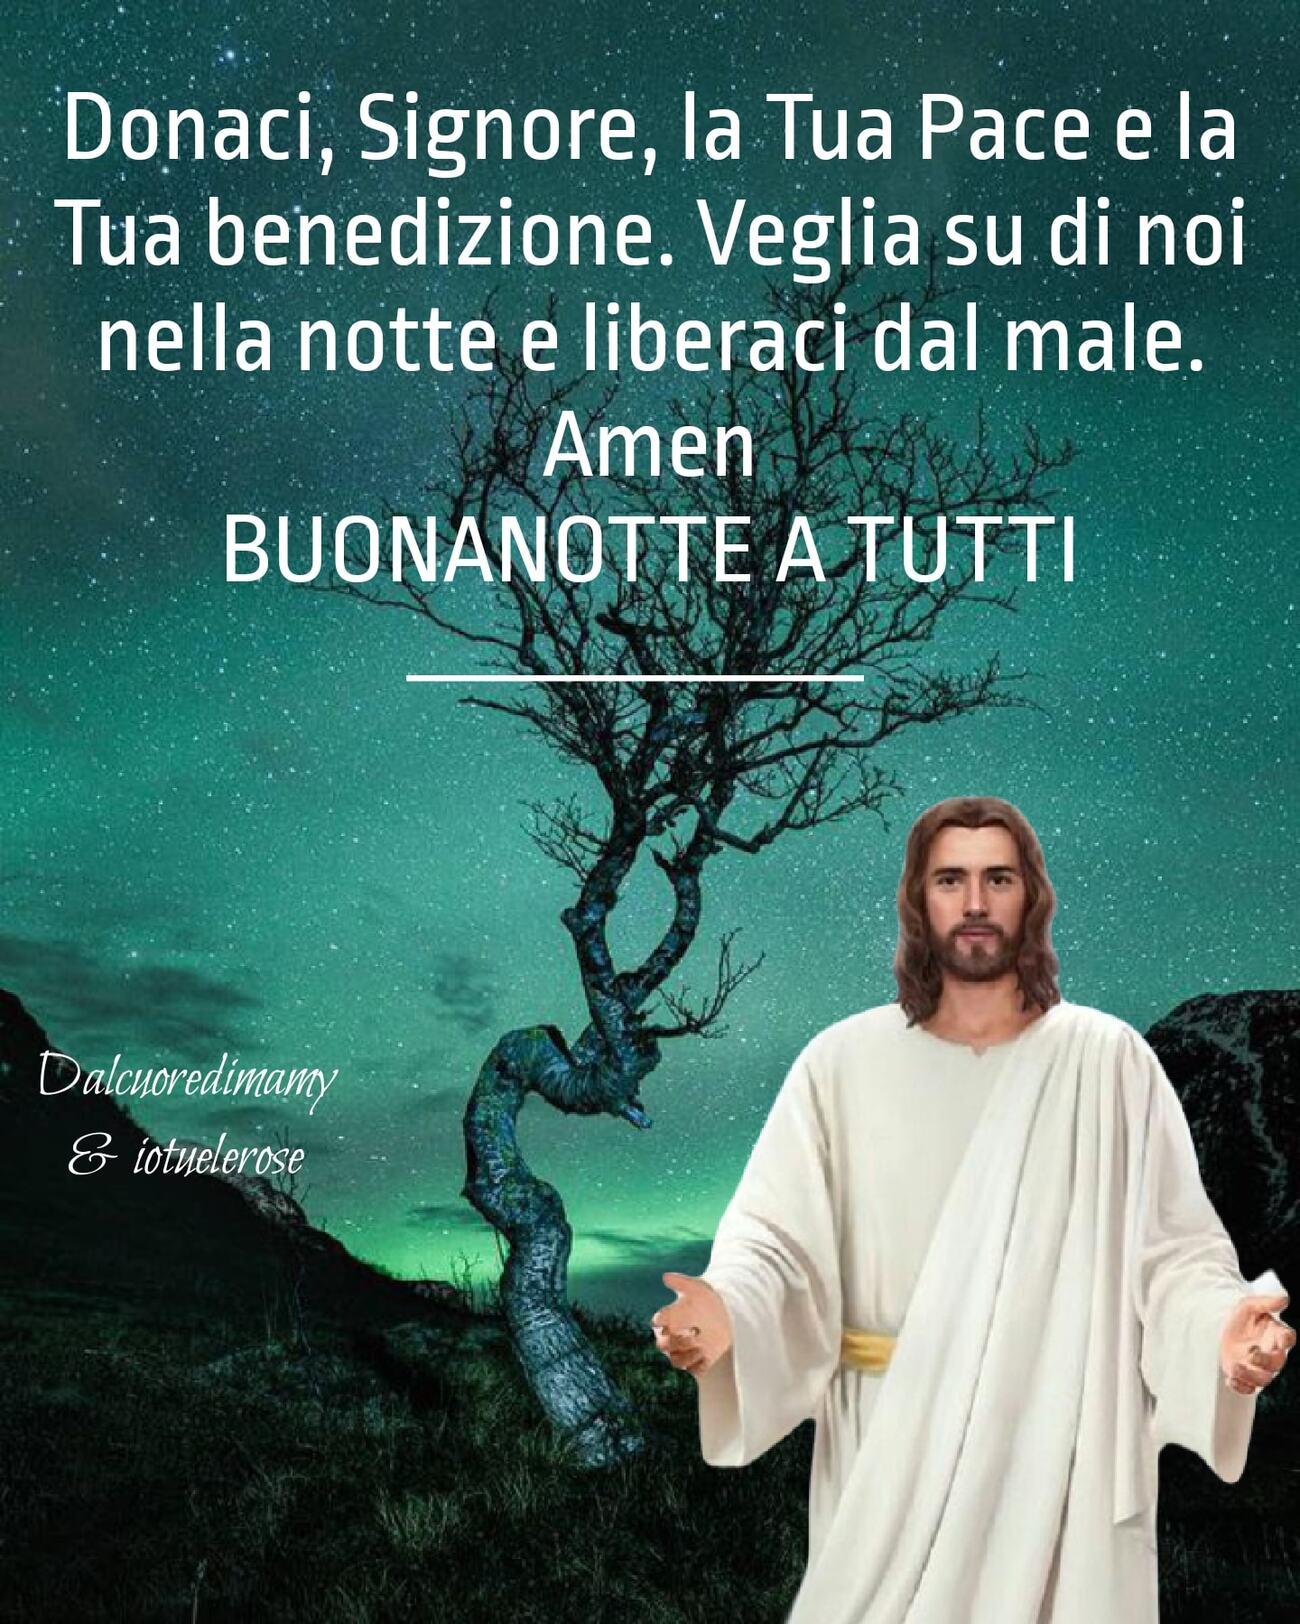 Buonanotte con Gesù immagini nuove (3)